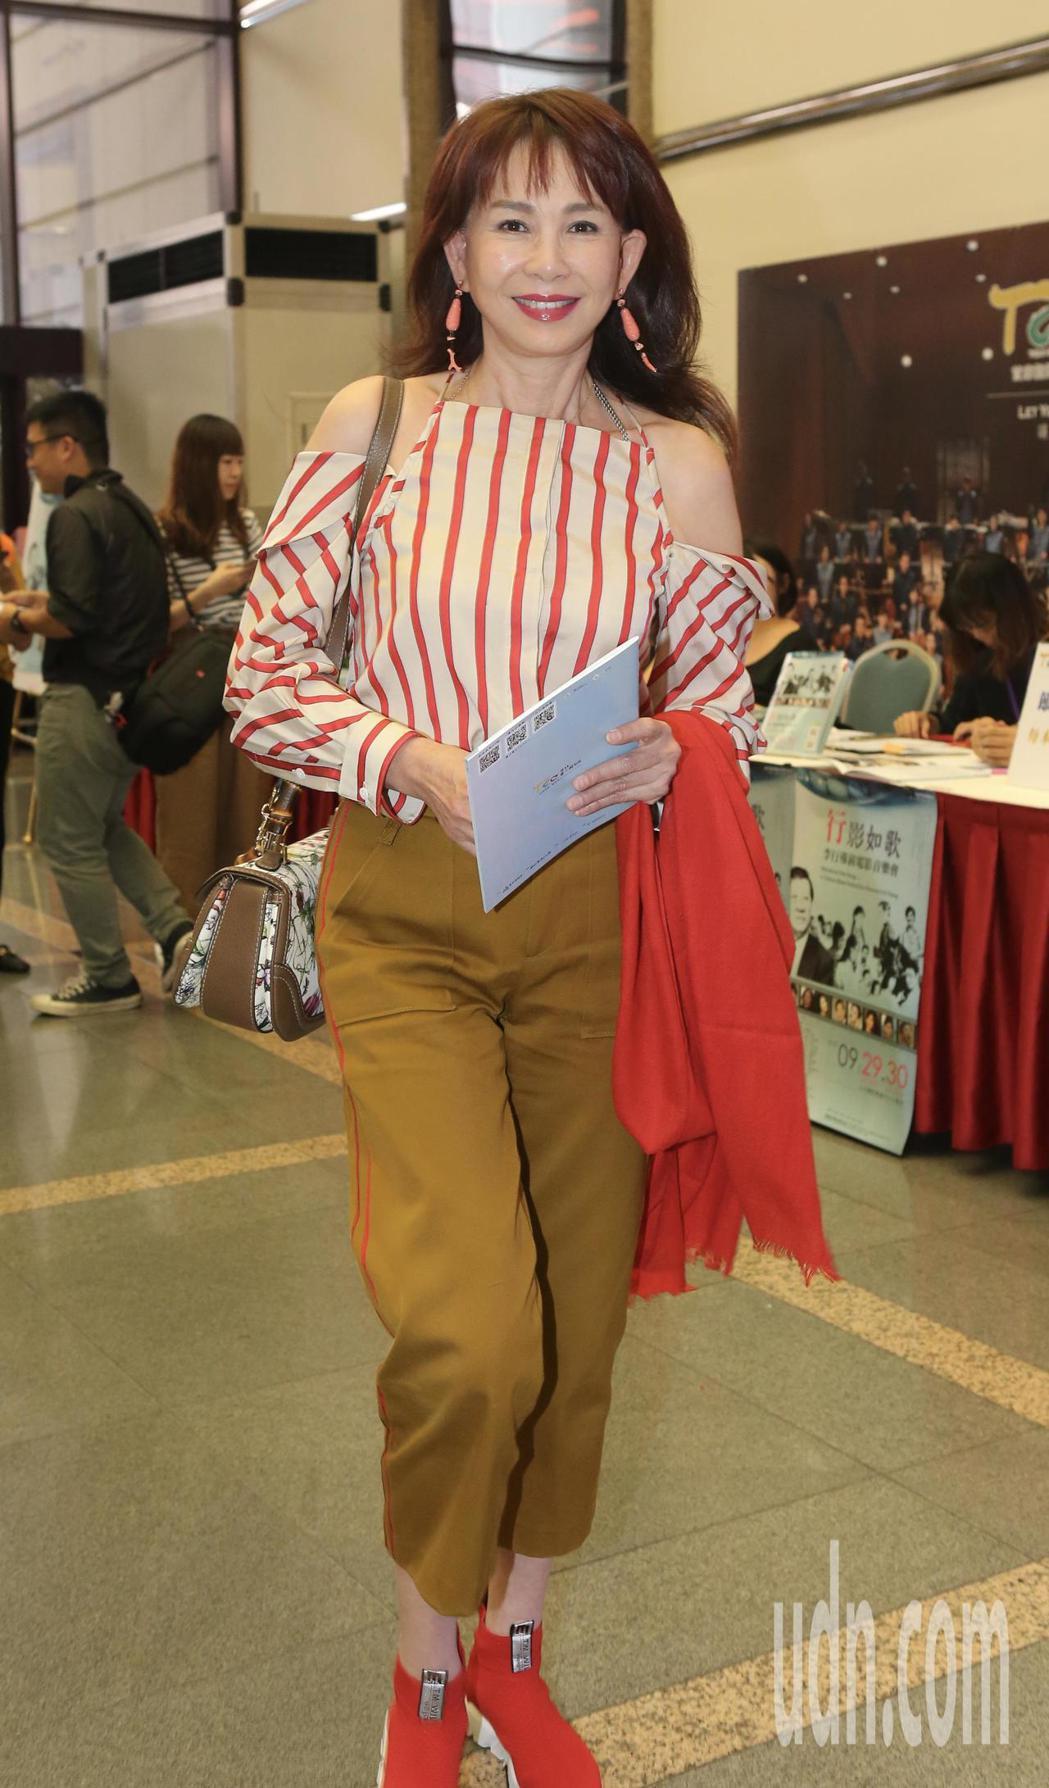 李行導演音樂會,藝人周丹薇出席活動。記者許正宏/攝影